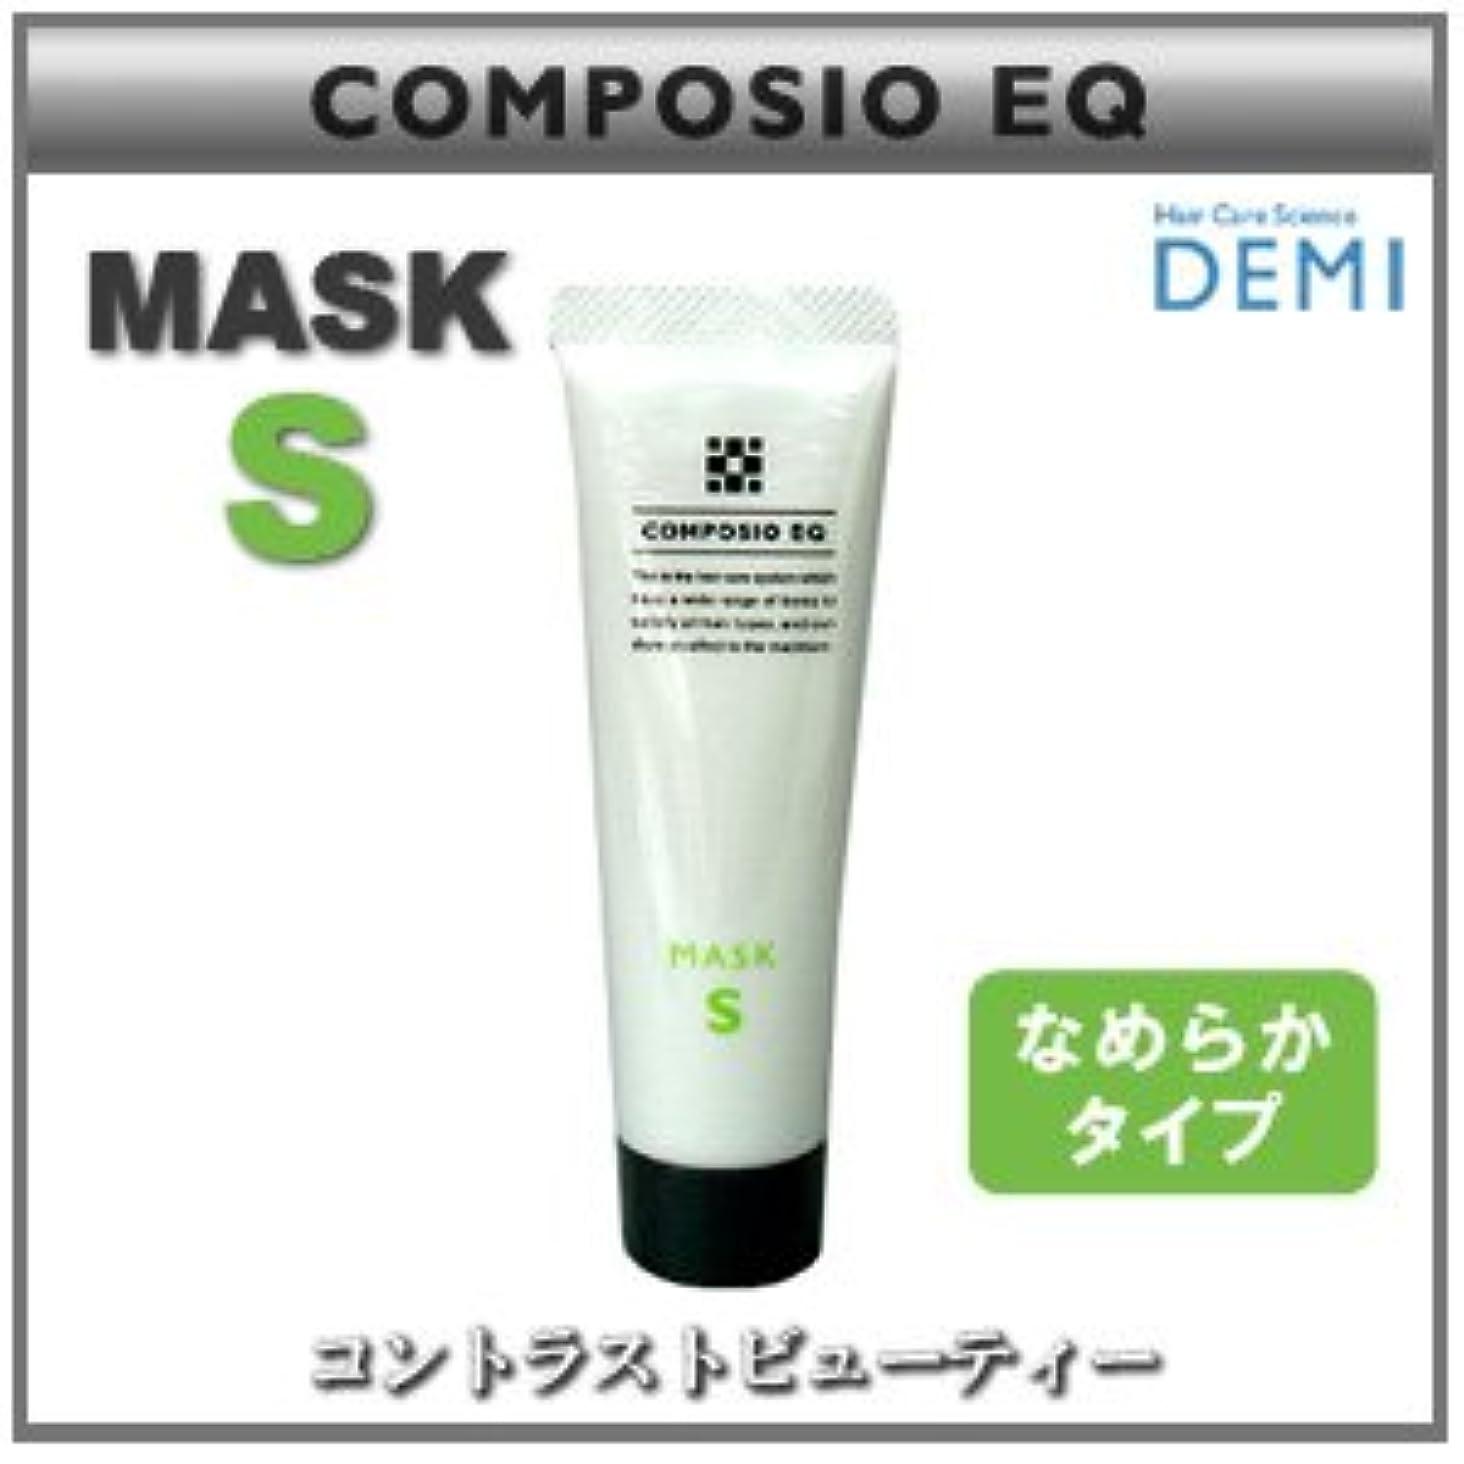 ソフィーデジタル物語【X3個セット】 デミ コンポジオ EQ マスク S 50g